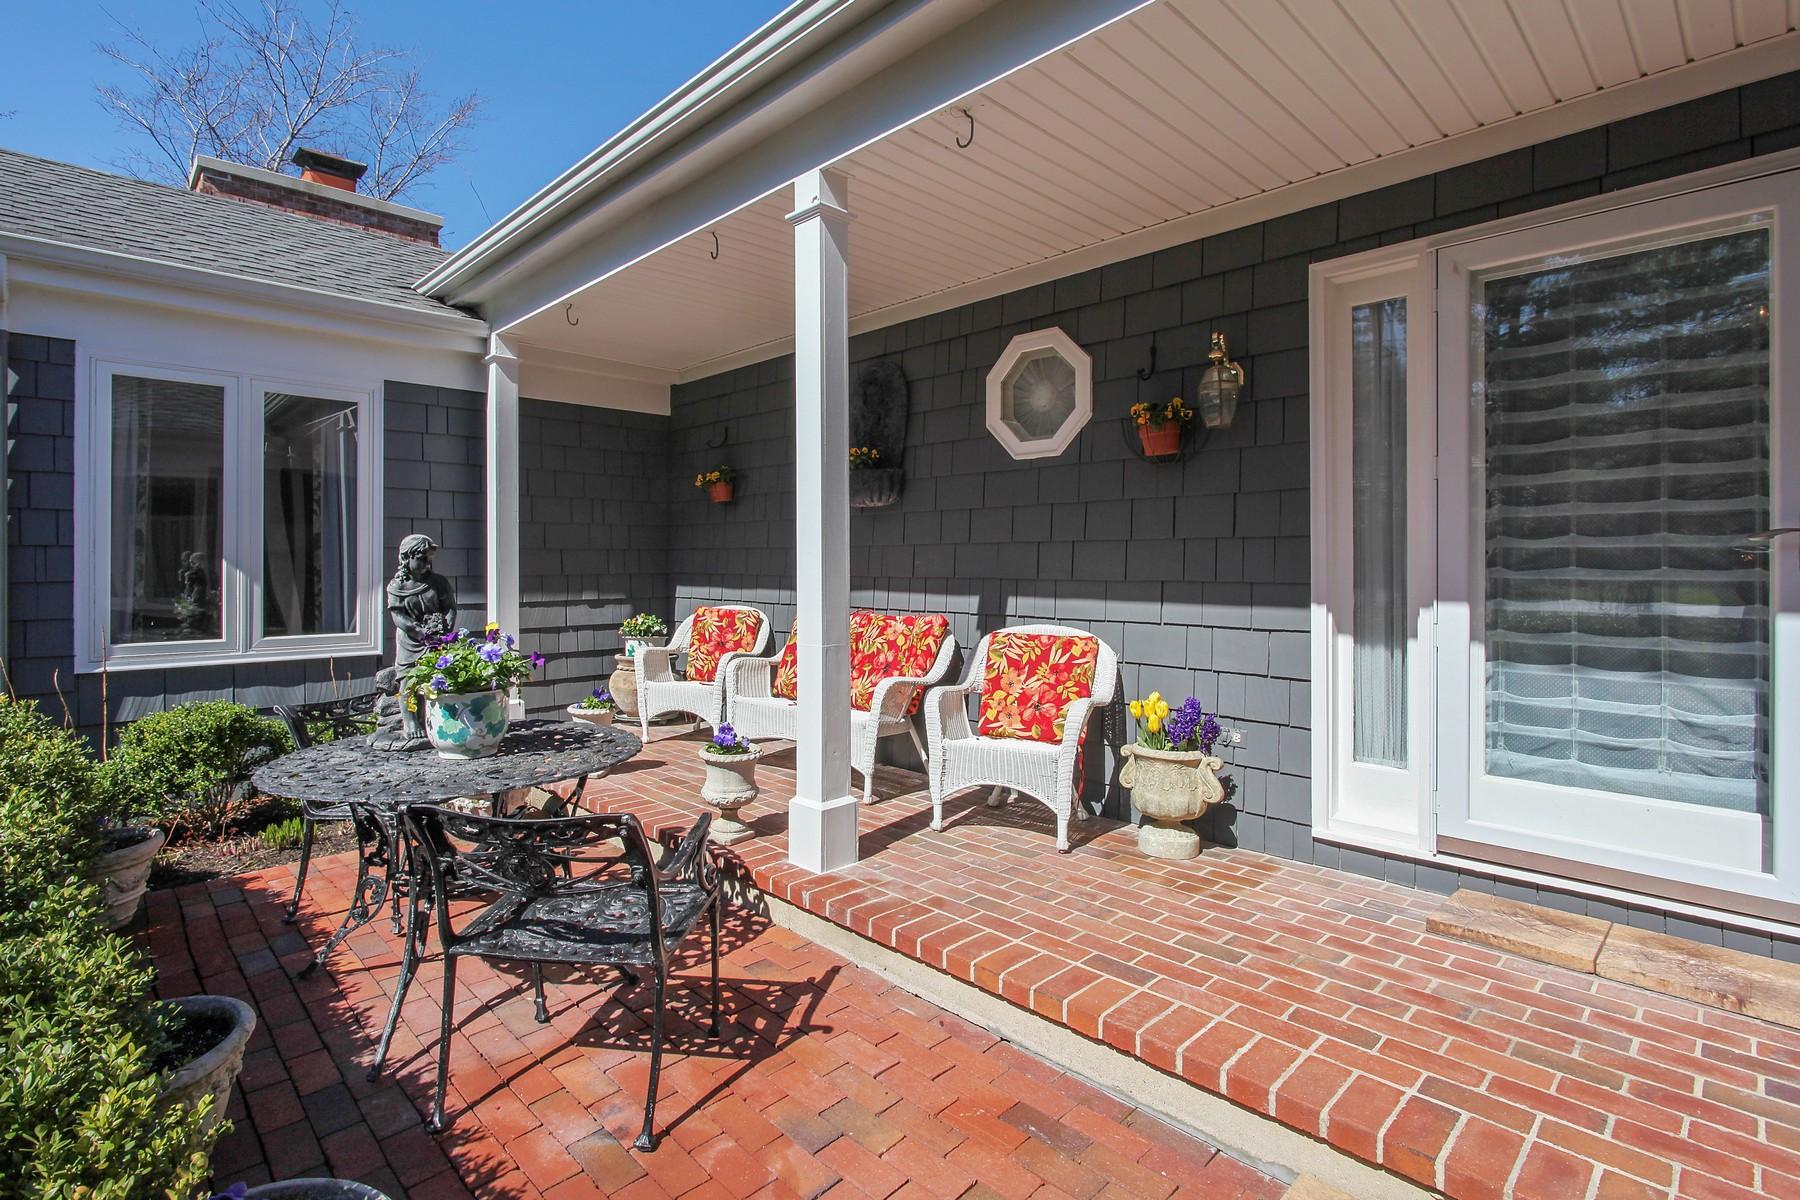 단독 가정 주택 용 매매 에 Character-Rich Pristine Home 1742 N Waukegan Road Lake Forest, 일리노이즈, 60045 미국